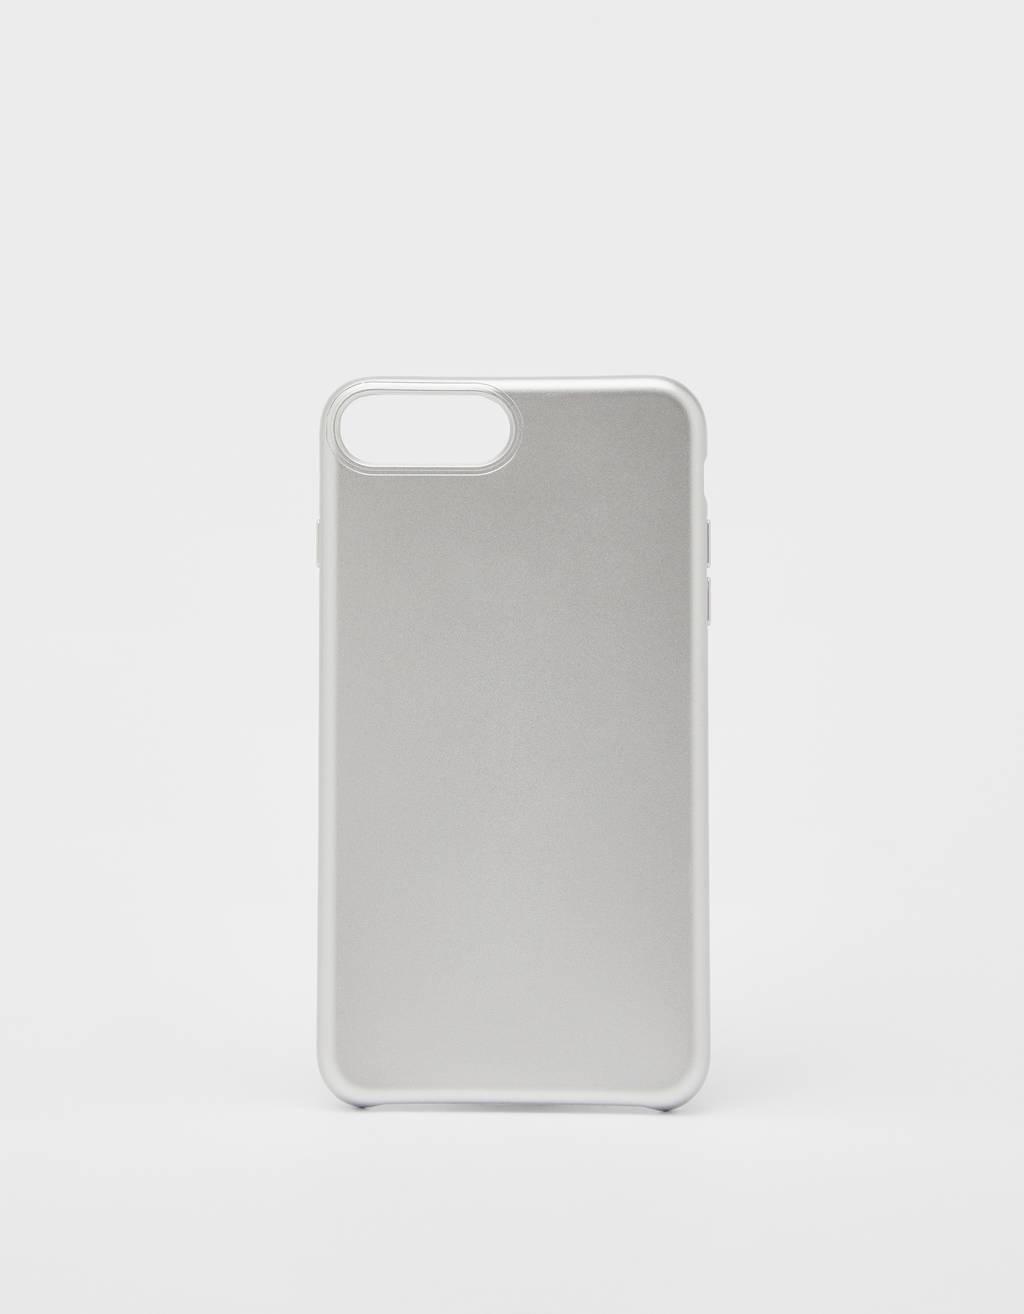 Capa em cor lisa iPhone 6 plus / 7 plus / 8 plus